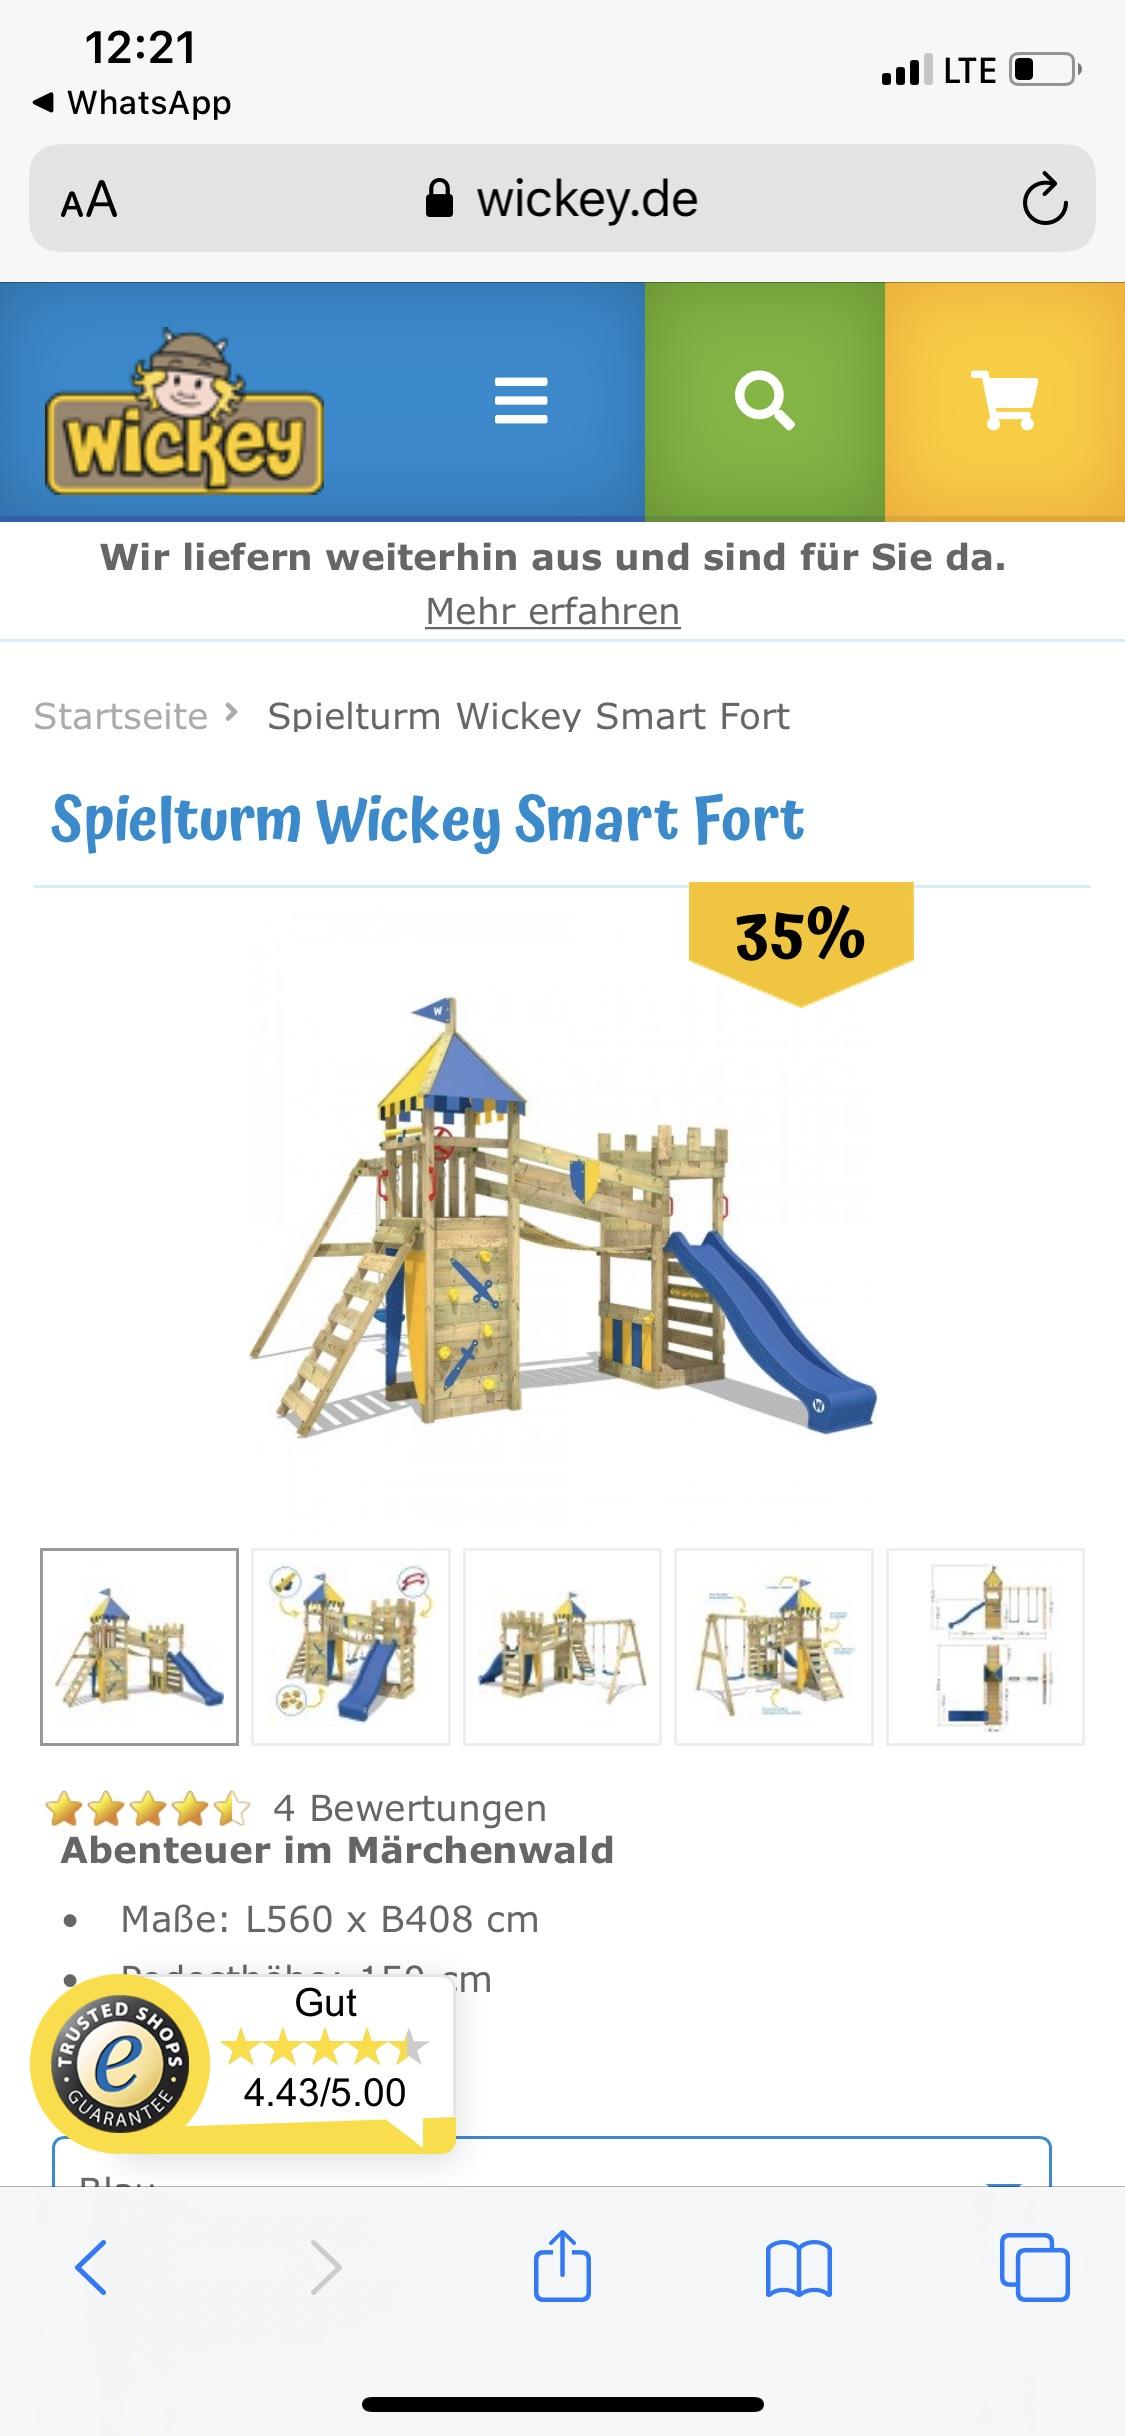 Wickey Spielturm Smart Fort